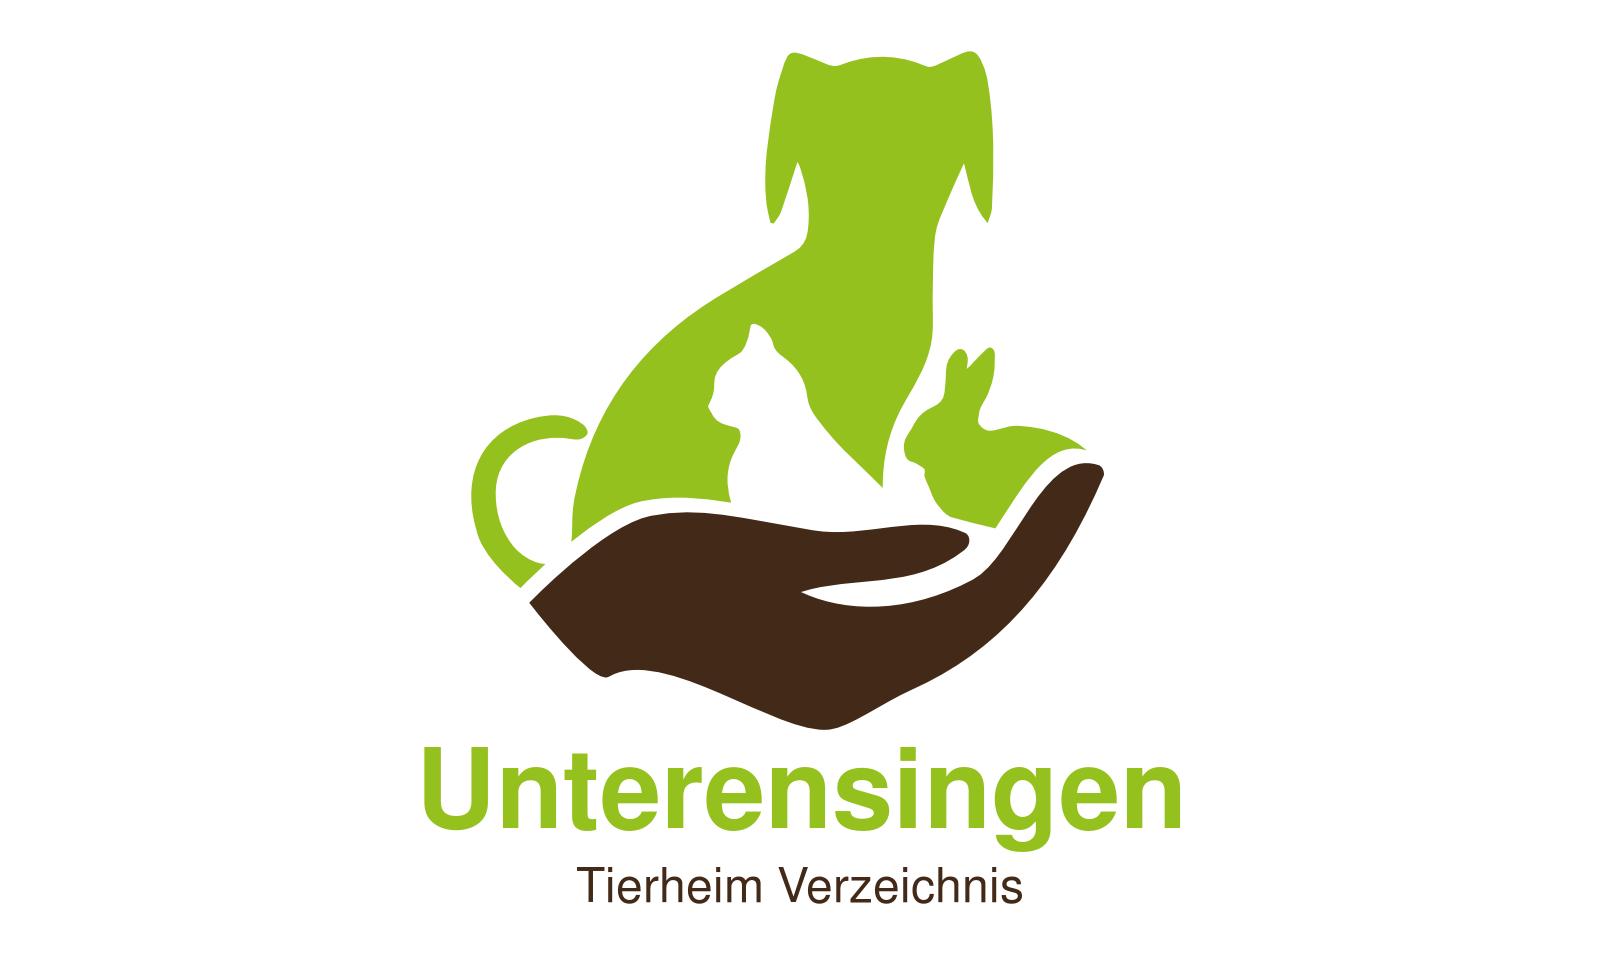 Tierheim Unterensingen